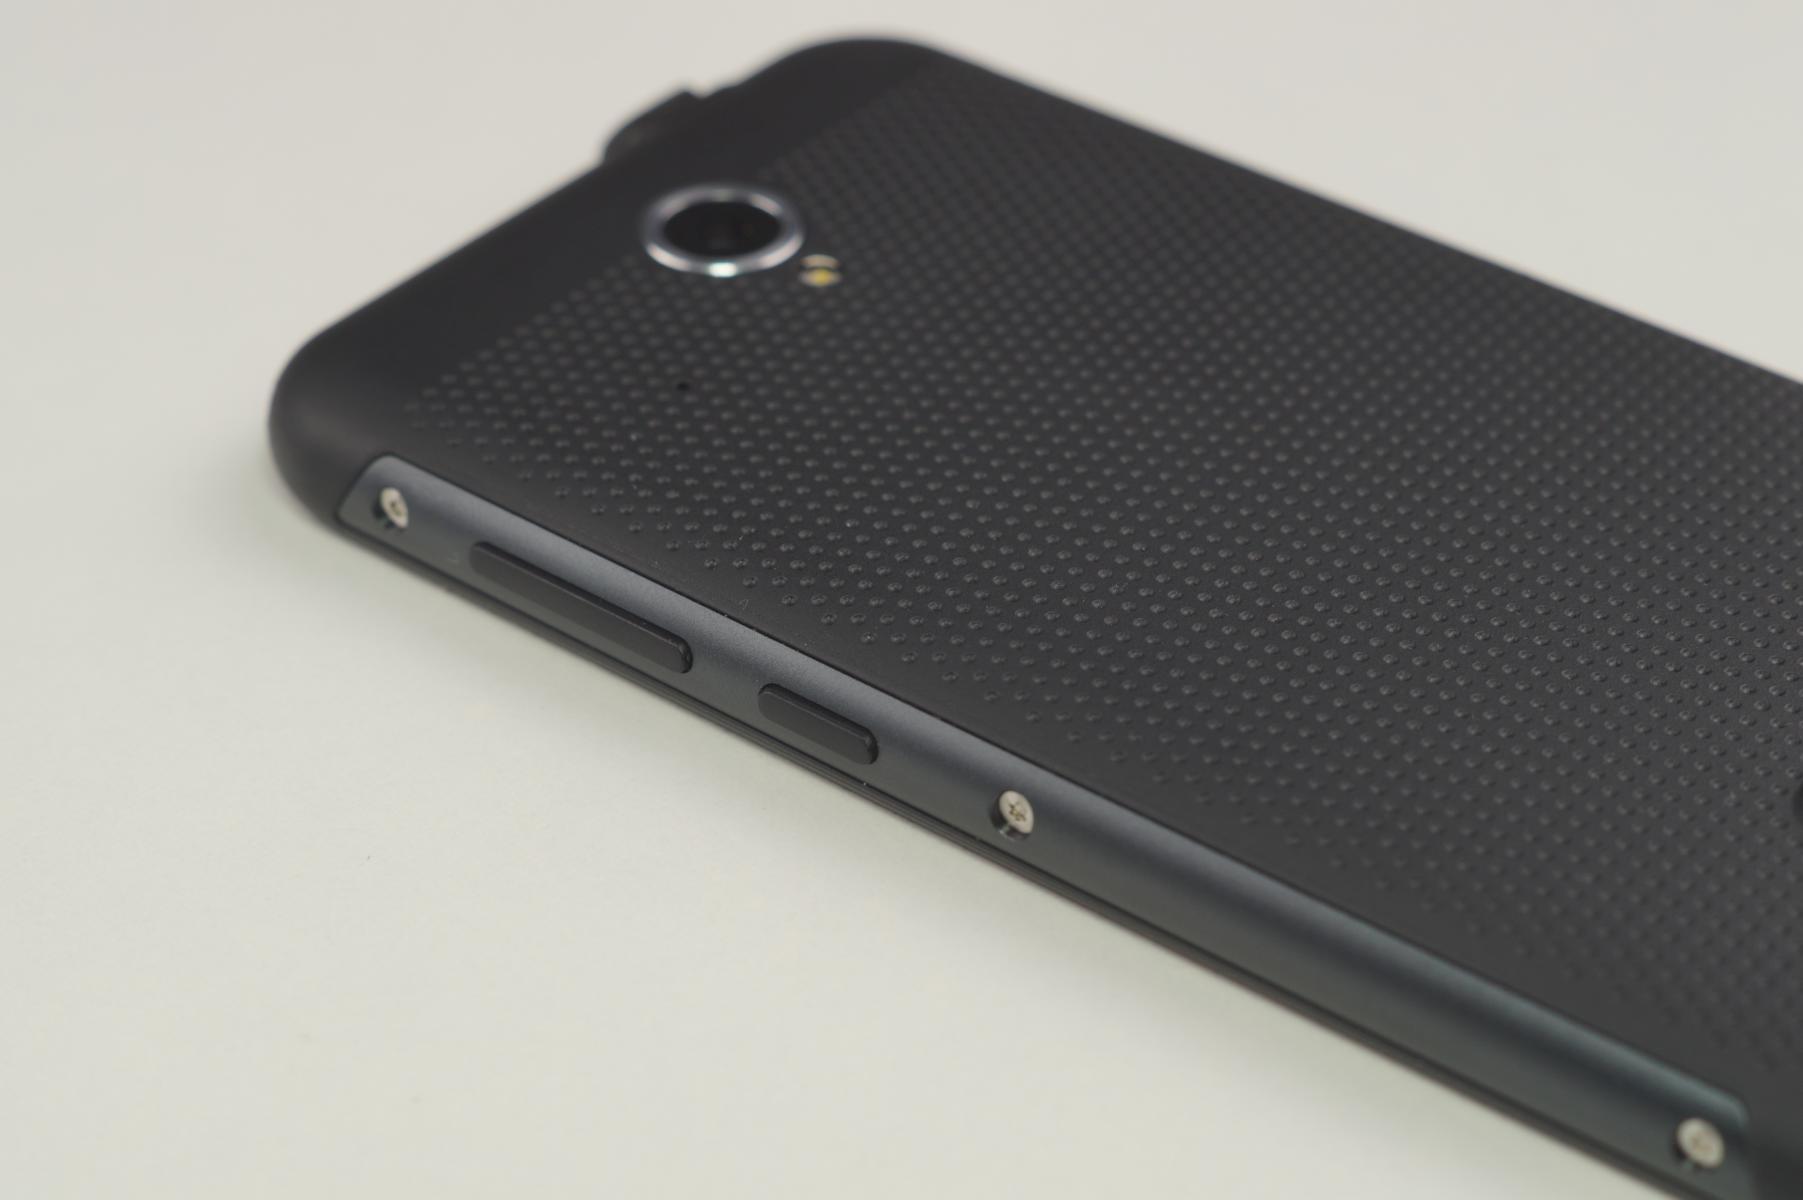 nomu s20 testbericht outdoor smartphone mit kleinen. Black Bedroom Furniture Sets. Home Design Ideas